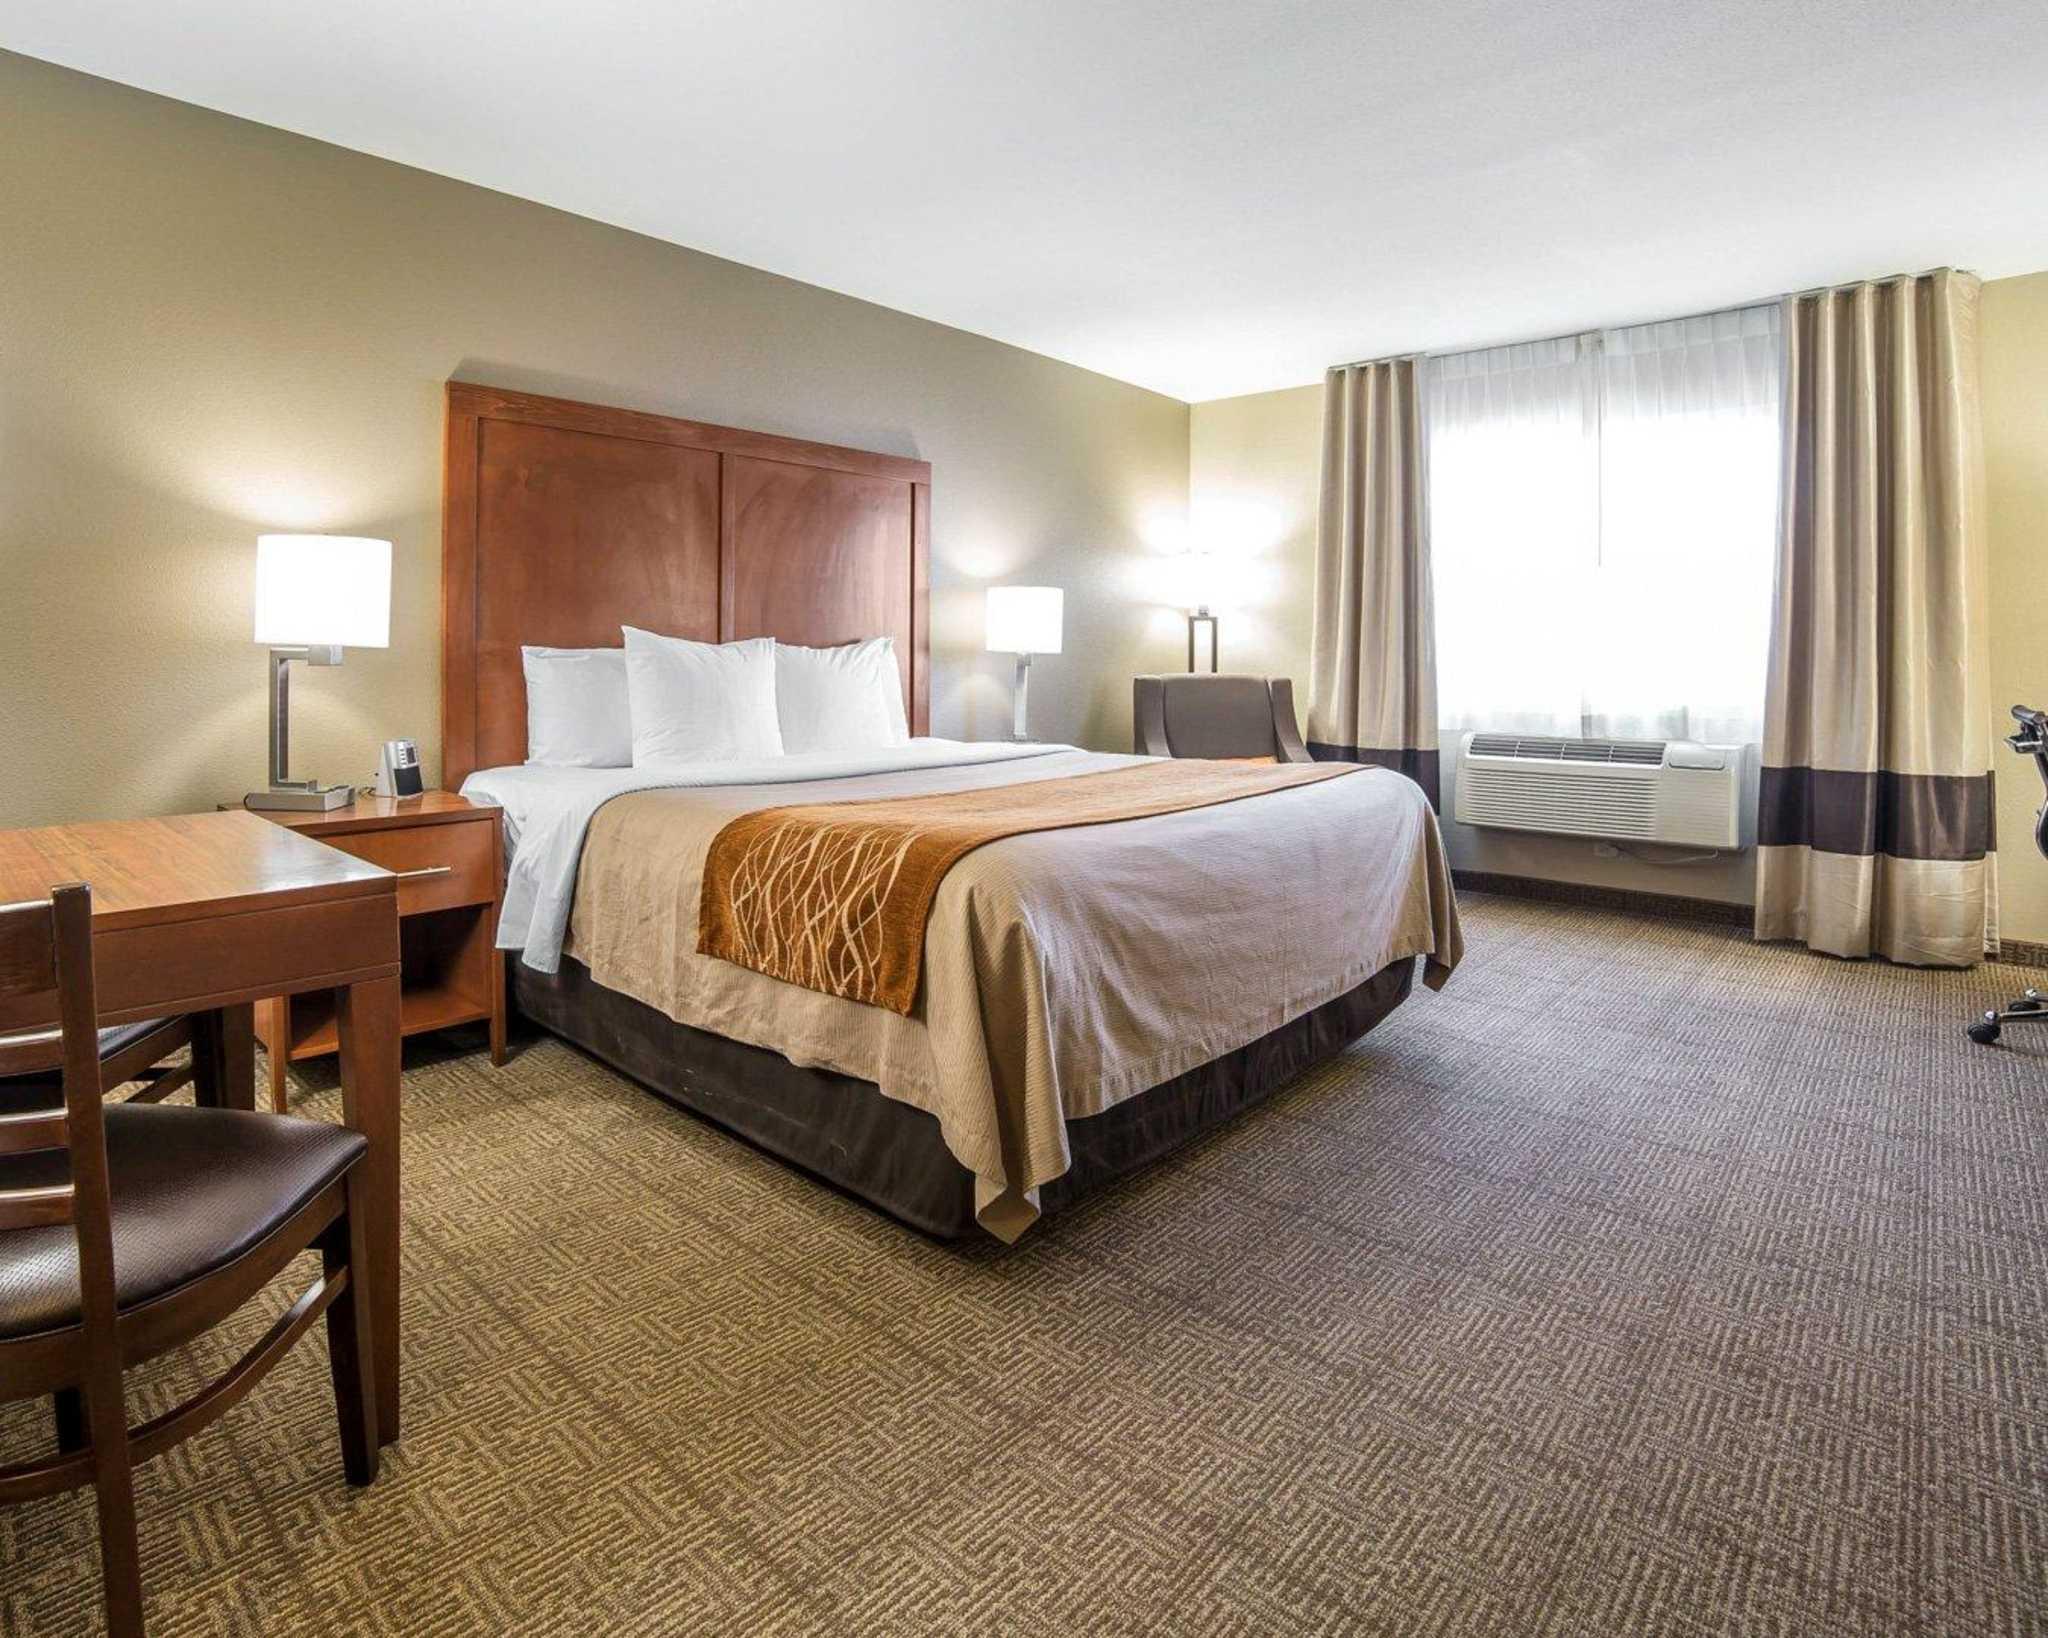 Comfort Inn Evansville-Casper image 10